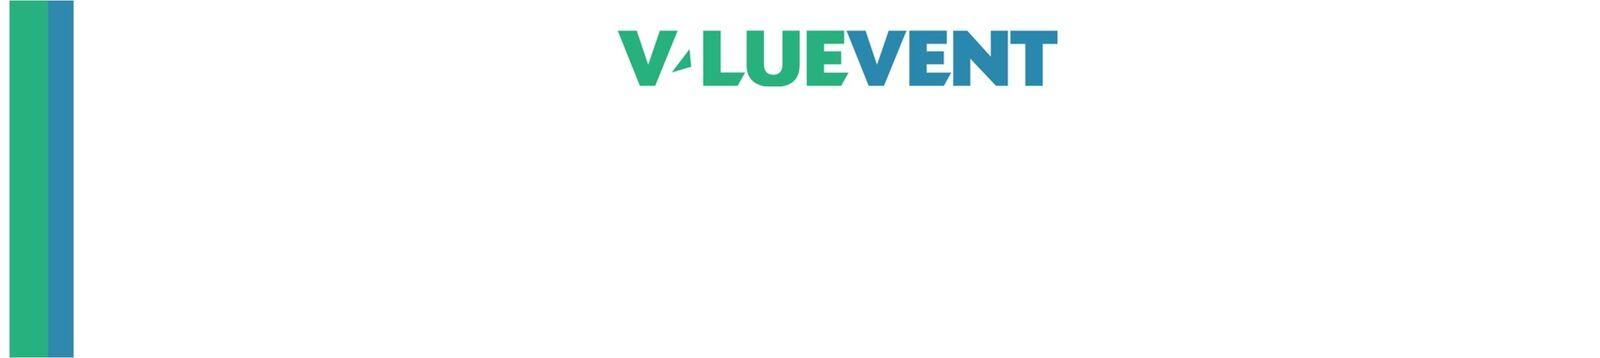 valuevent